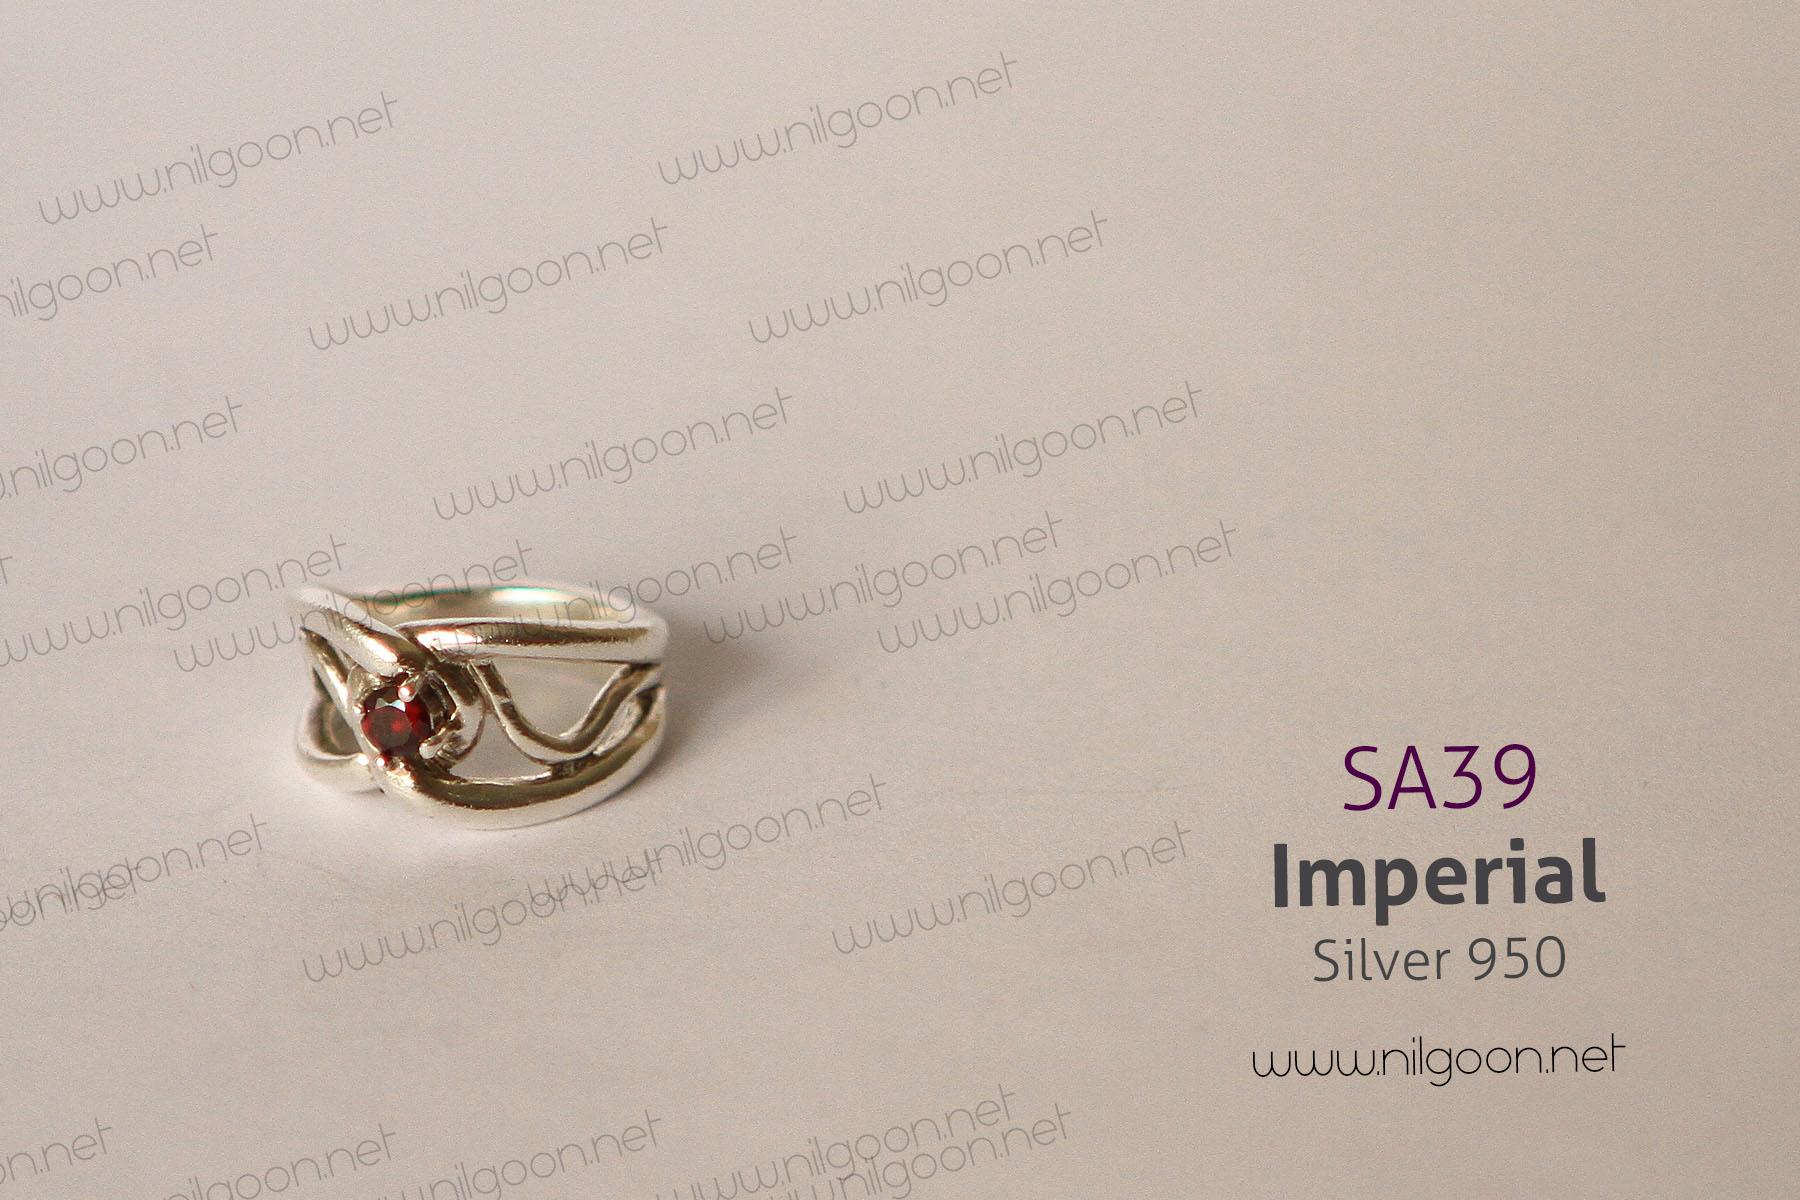 انگشتر نقره Imperial